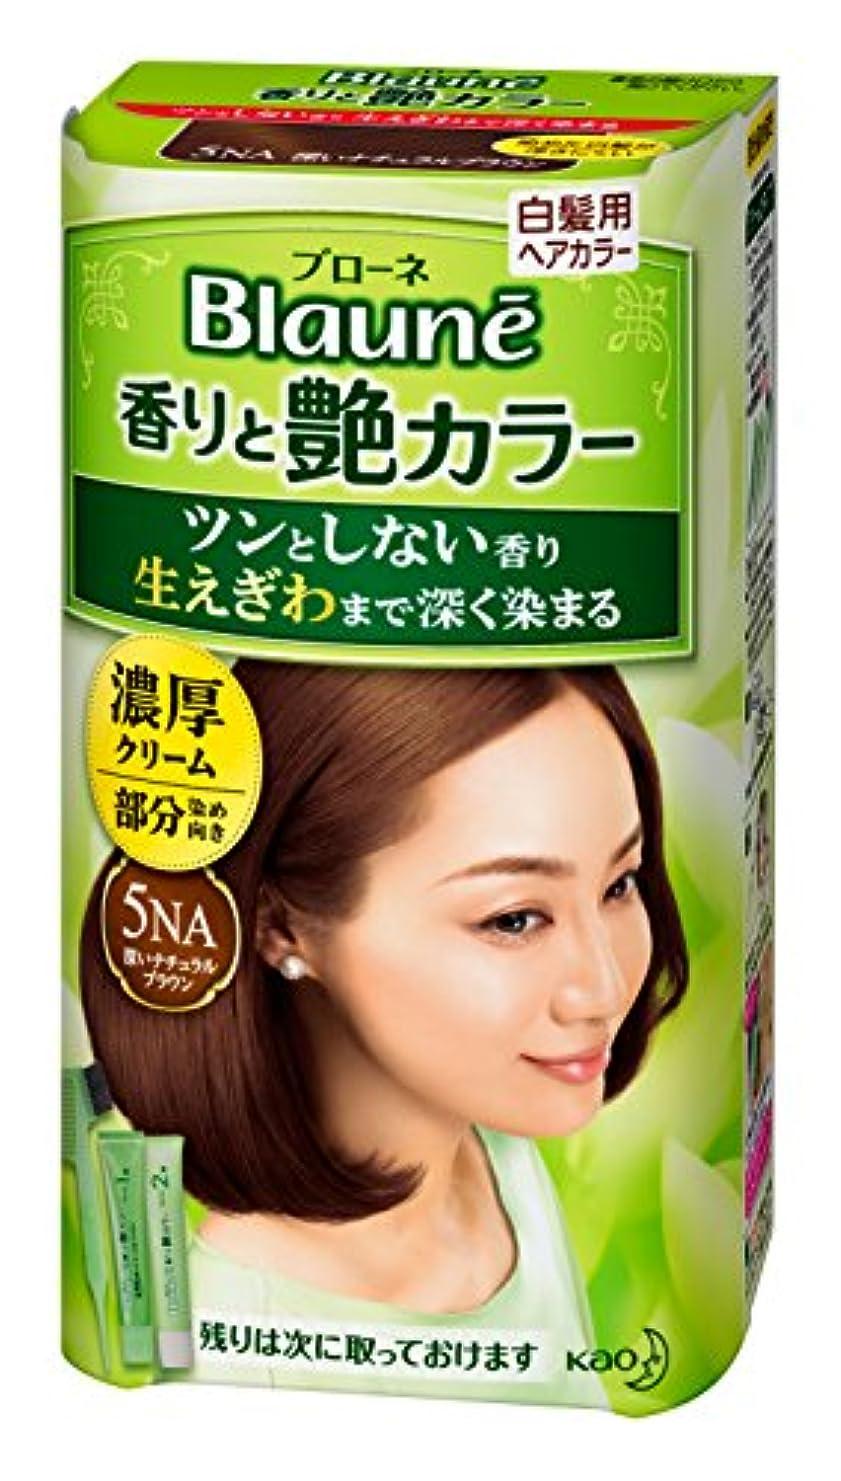 耐えられるコード引くブローネ 香りと艶カラークリーム 5NA 80g [医薬部外品]